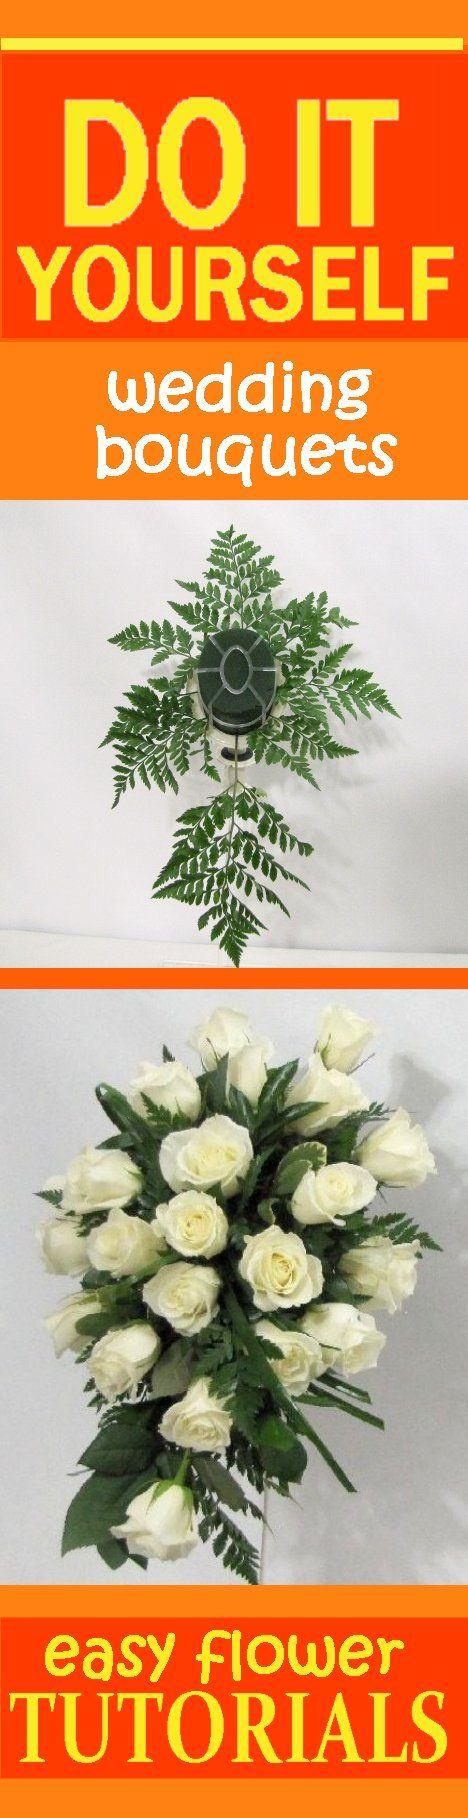 1000+ best Wedding Bouquets images on Pinterest | Bridal bouquets ...